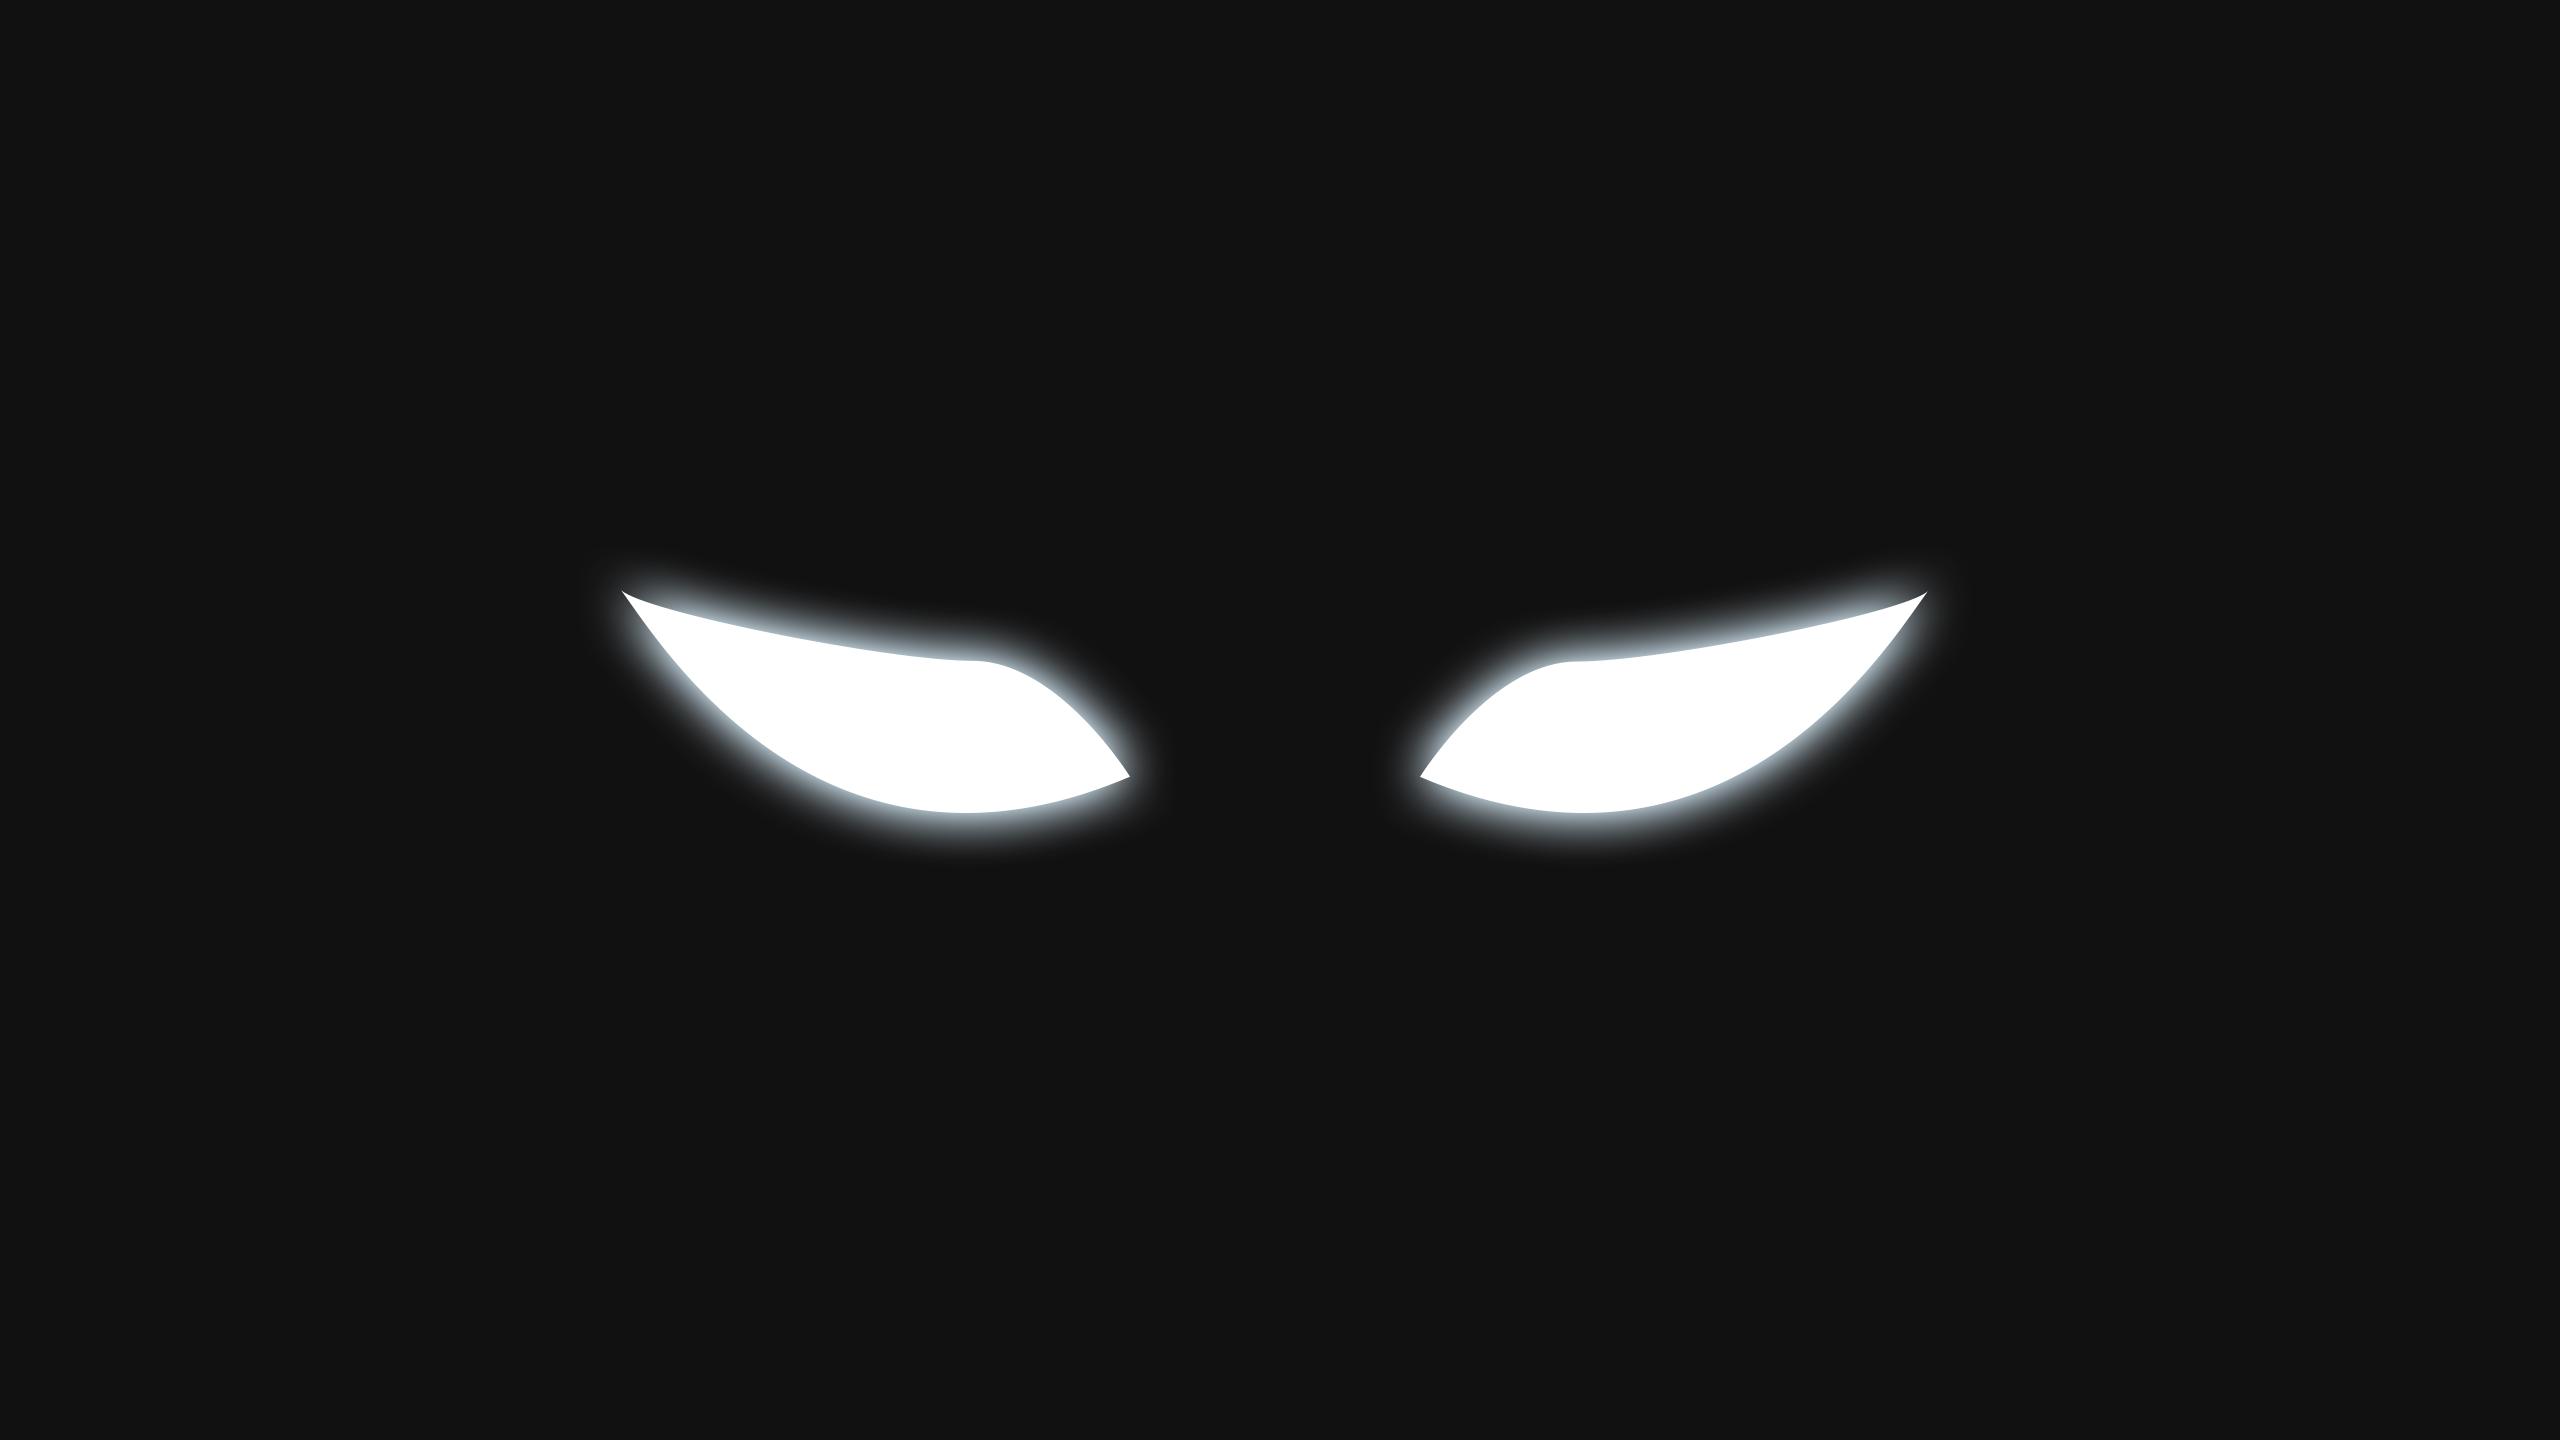 Black Backgrounds Devil Eye Png Wallpapers.